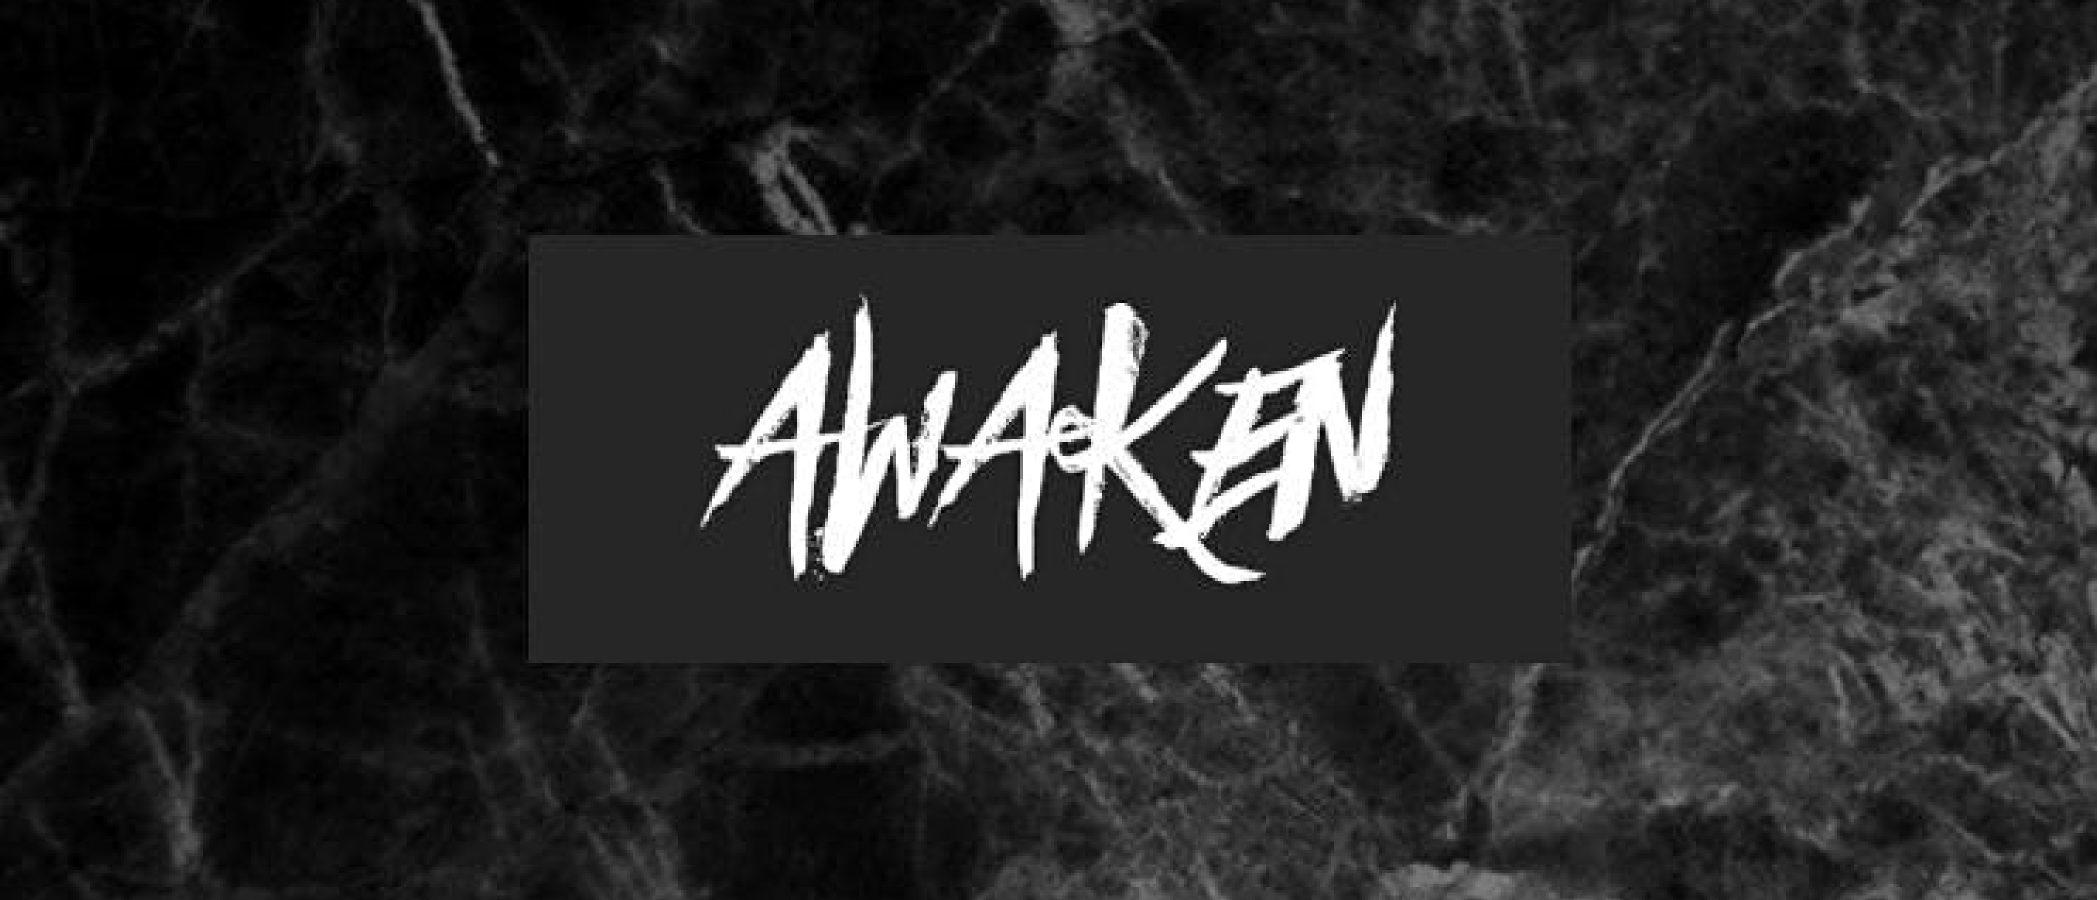 awaken-11brd-dq2021-web-banner2x-100